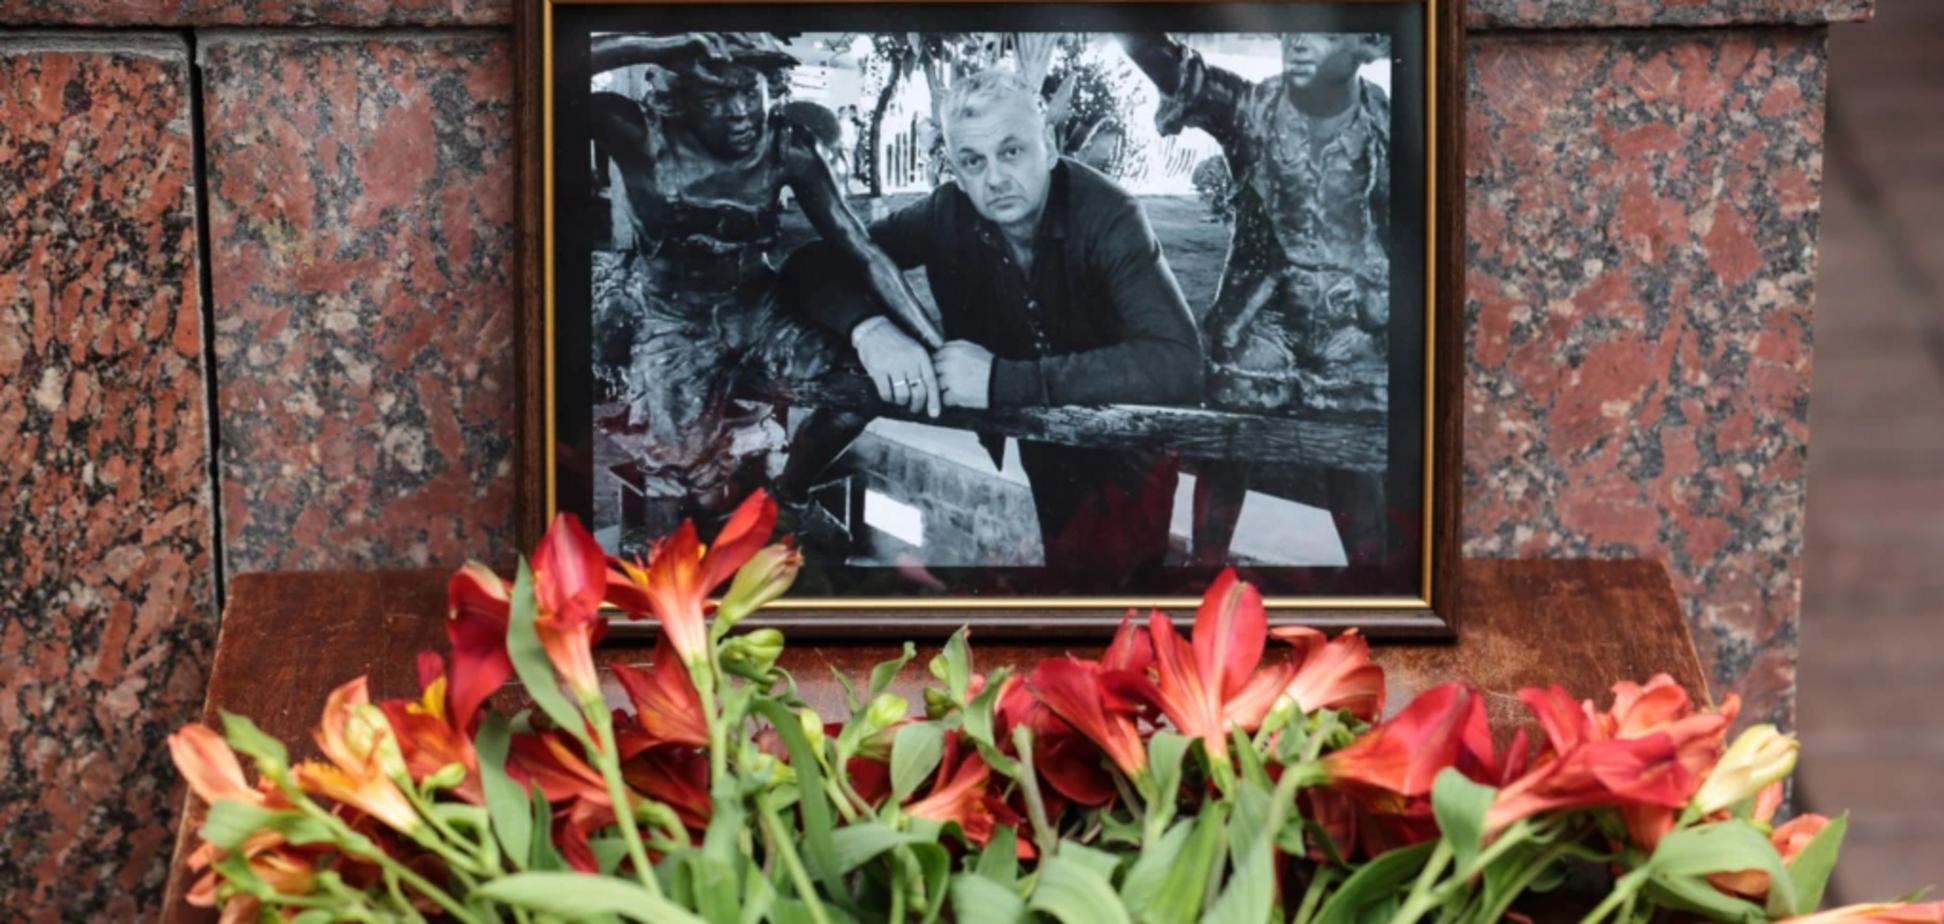 МФЖ занепокоєна тим, що винних у вбивстві Комарова за два роки не знайшли